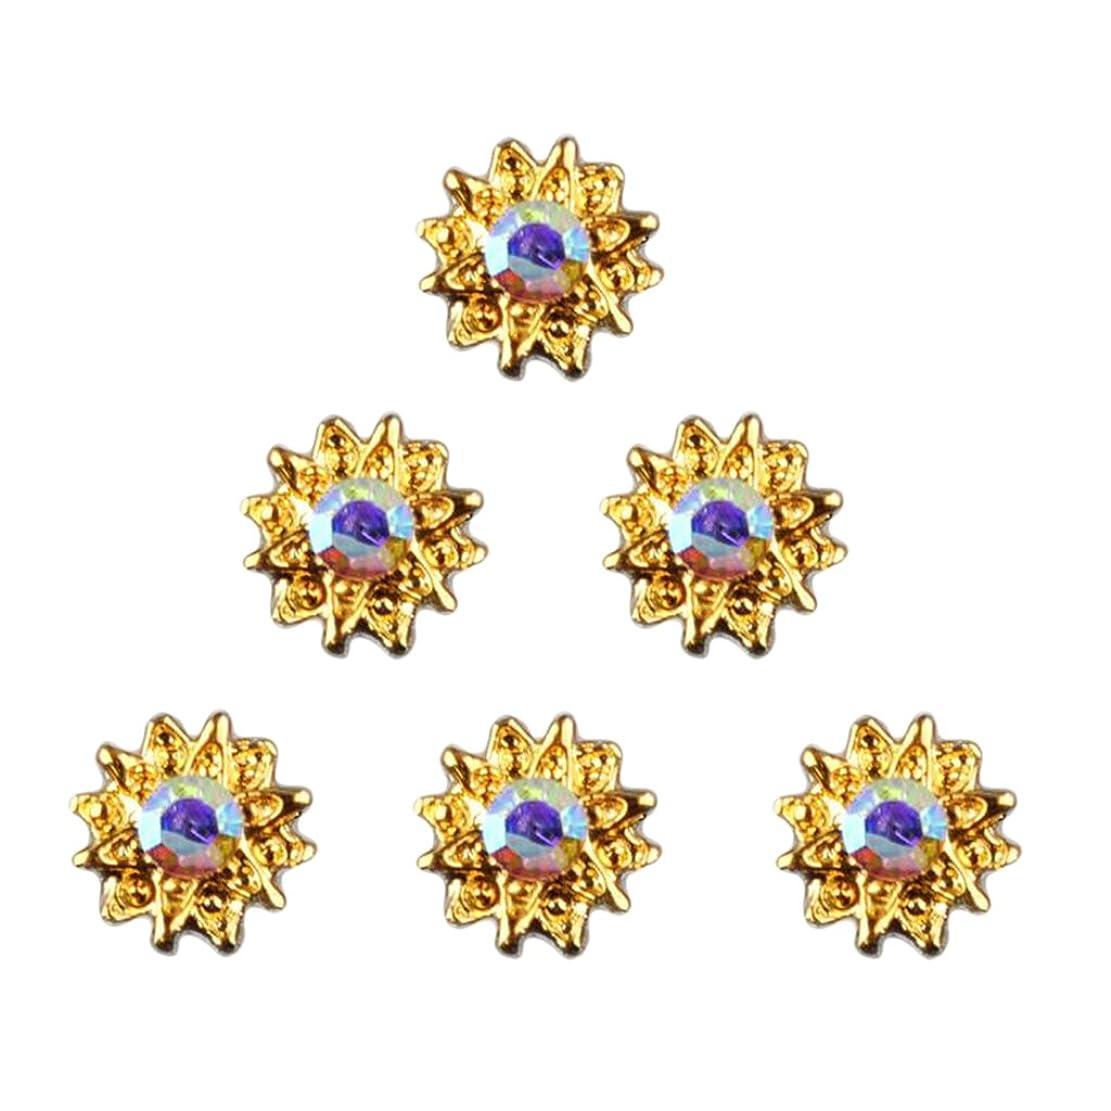 読書をする土砂降りダンプBaosity ネイル ネイルデザイン ダイヤモンド 約50個 3Dネイルアート ヒントステッカー デコレーション おしゃれ 全8タイプ選べ - 5